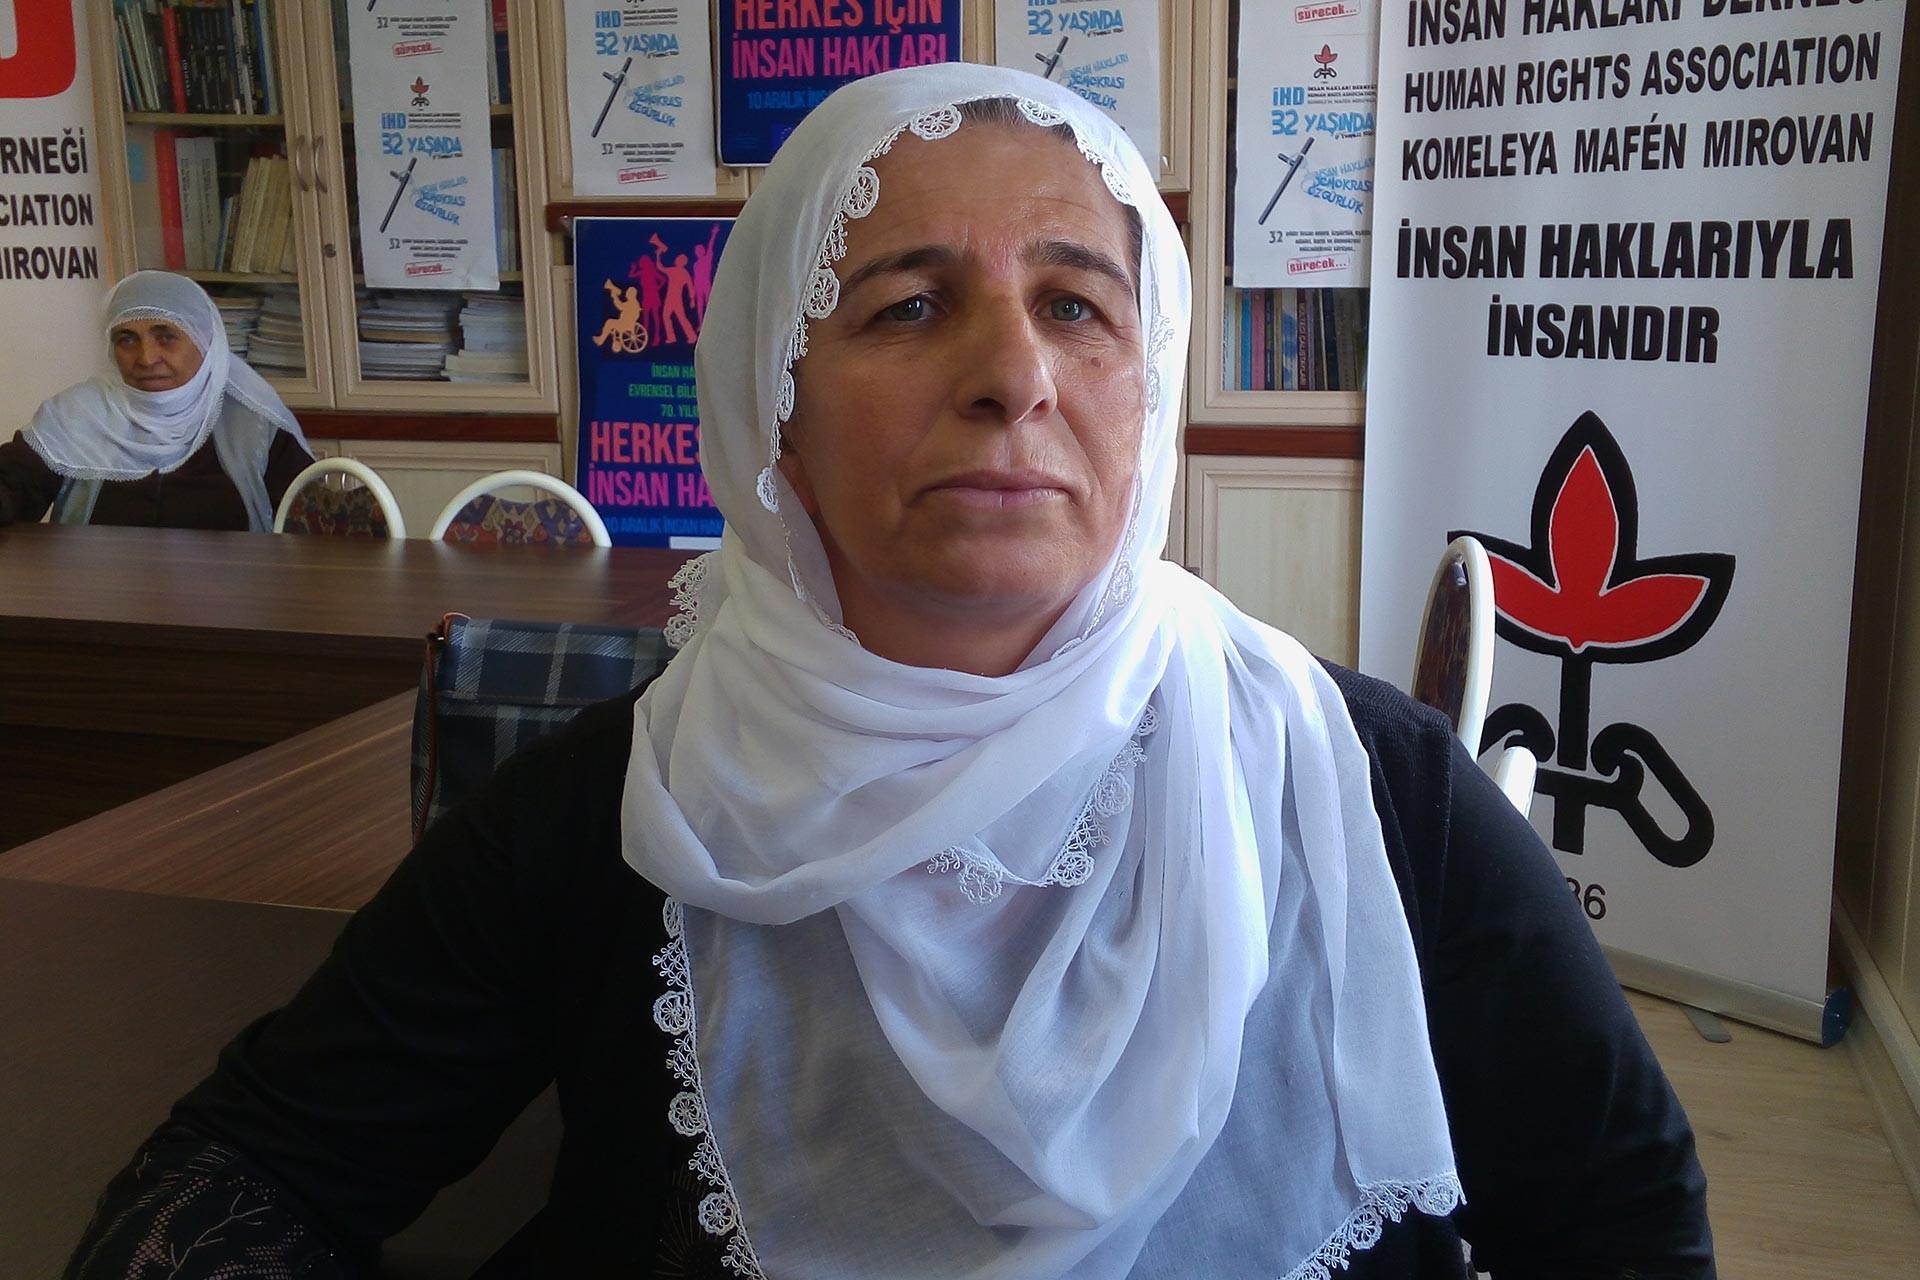 Diyarbakır'dan Ankara'ya gelen Yessure Tufan, beş ayı aşkın süredir sokaklarda olduklarını belirtiyor